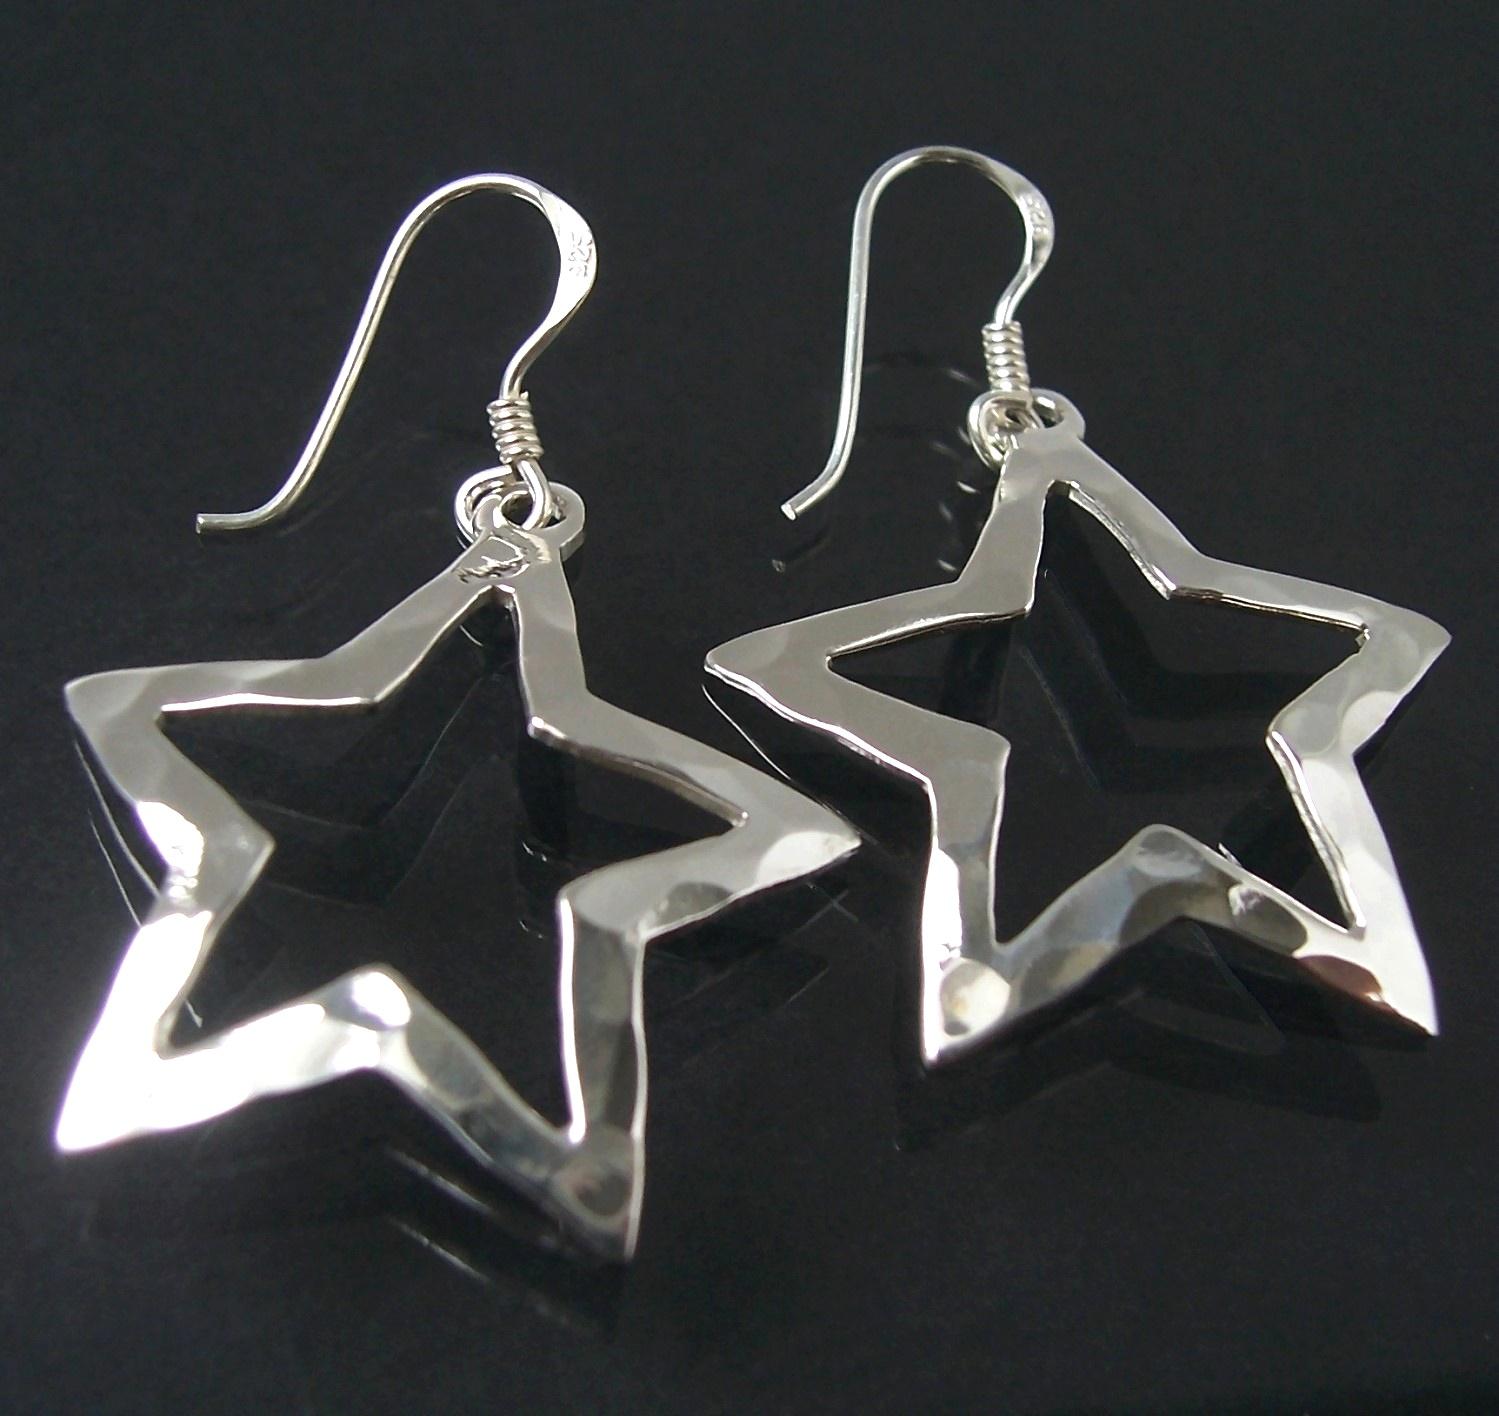 Ohrringe Silber 925 Niklarson Stern Sterlingsilber gehämmert 19025